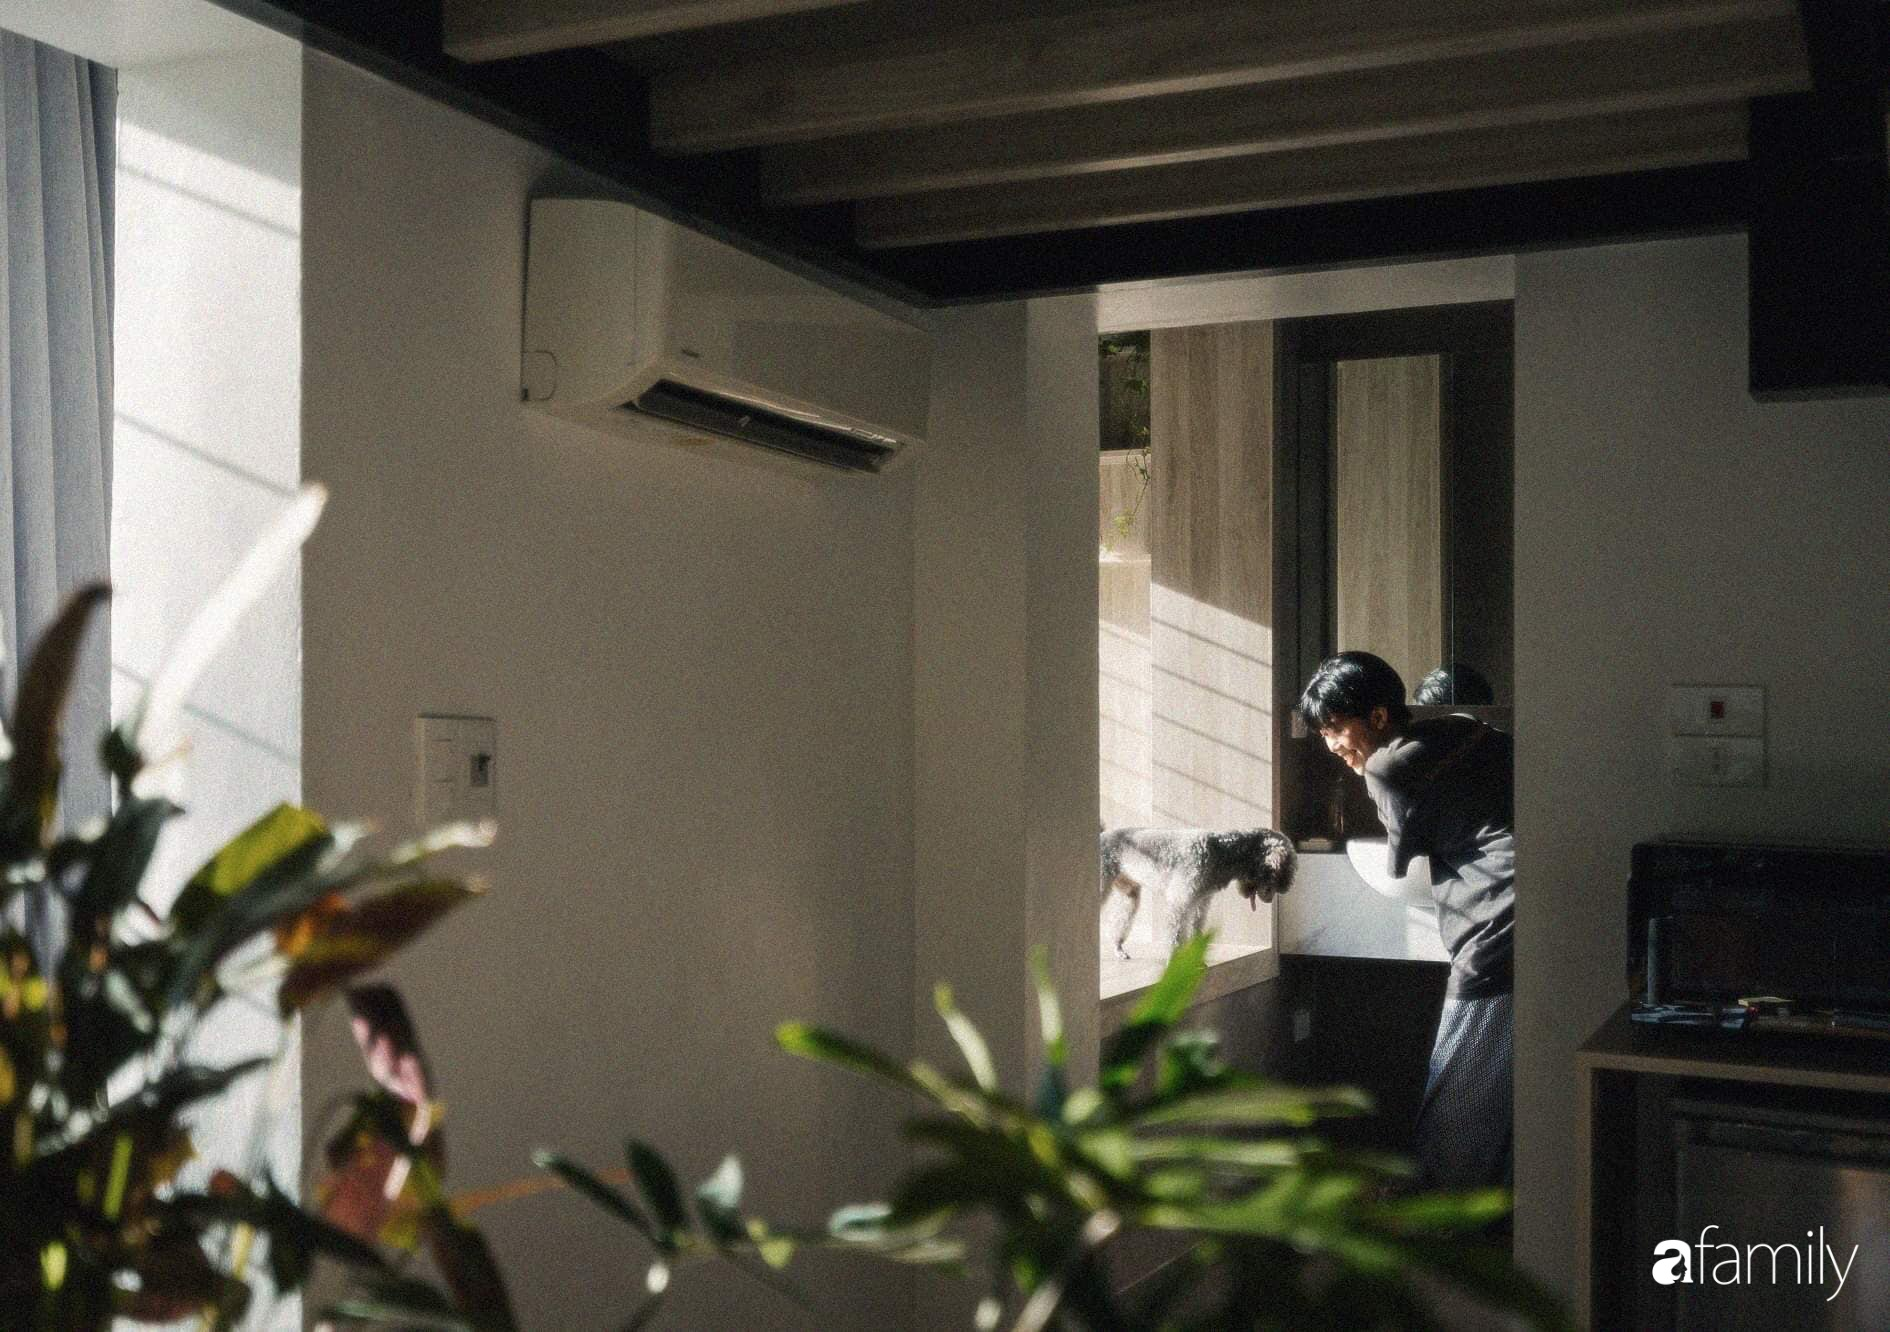 """Căn hộ 23m² xuống cấp được """"lột xác"""" thành không gian tiện nghi cho anh chàng độc thân có chi phí 200 triệu đồng ở quận Hoàn Kiếm, Hà Nội - Ảnh 12."""